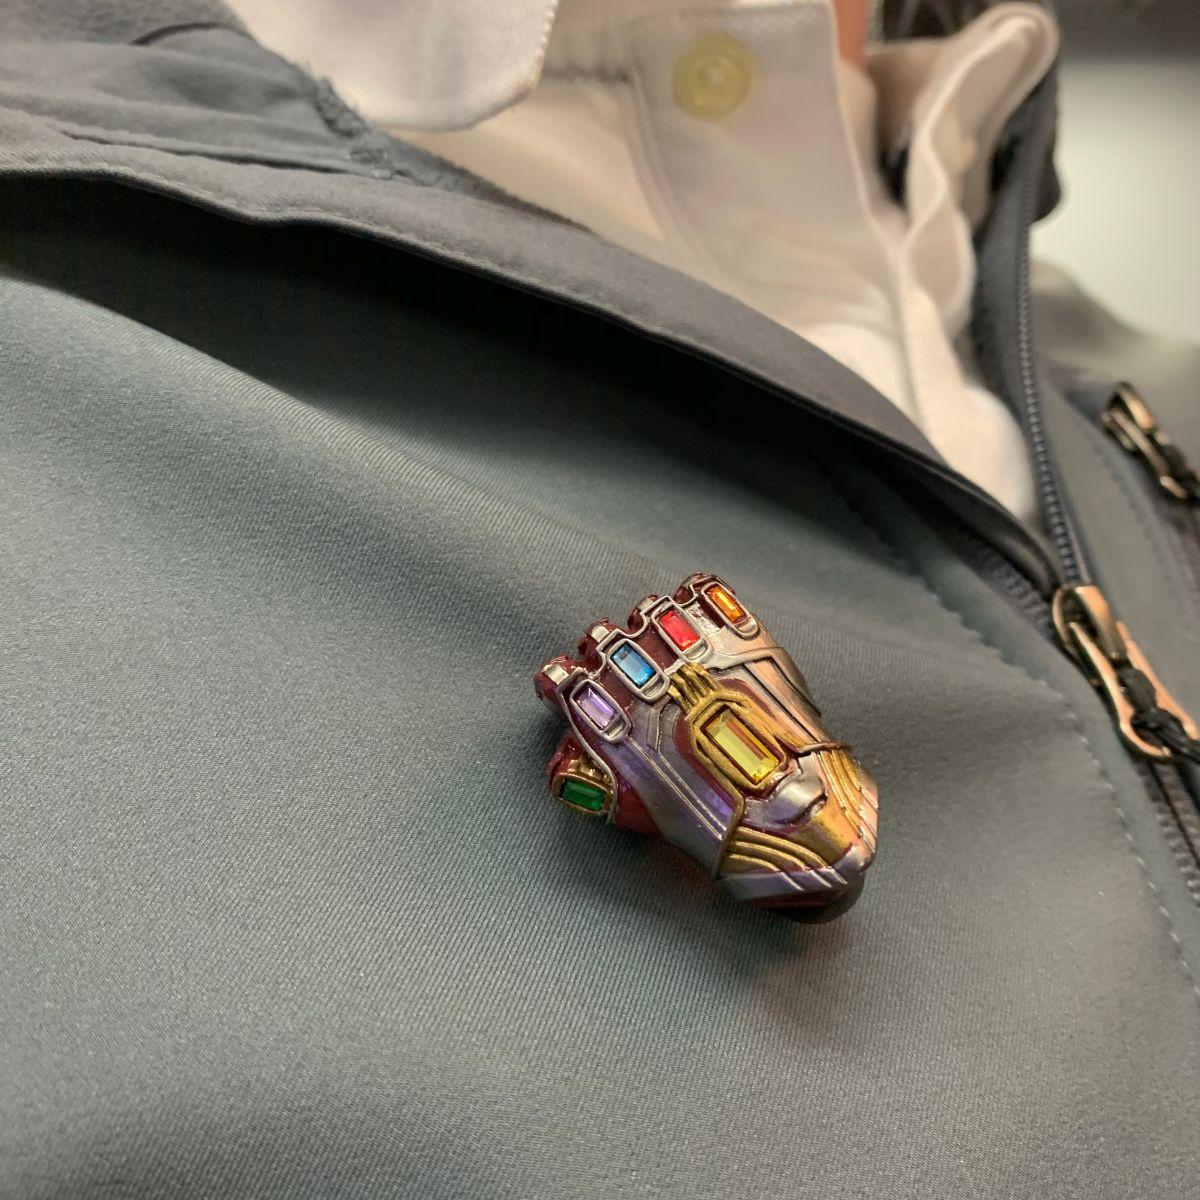 Iron Man Iron Gauntlet Enamel Pin